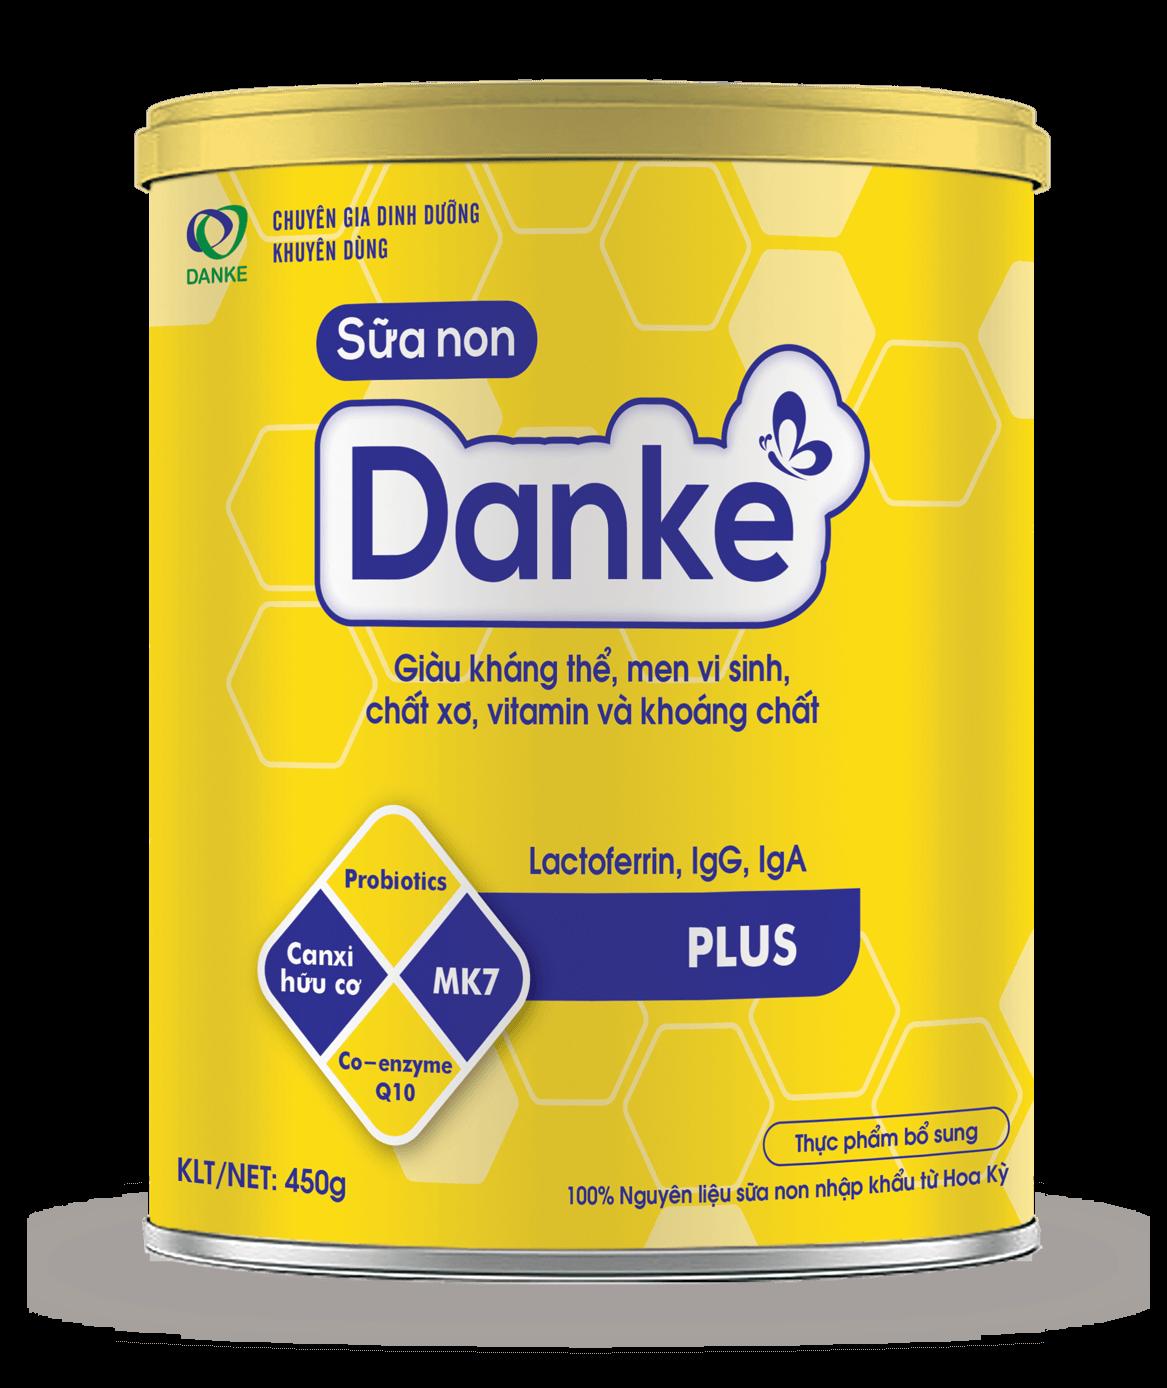 Sữa non Danke Plus